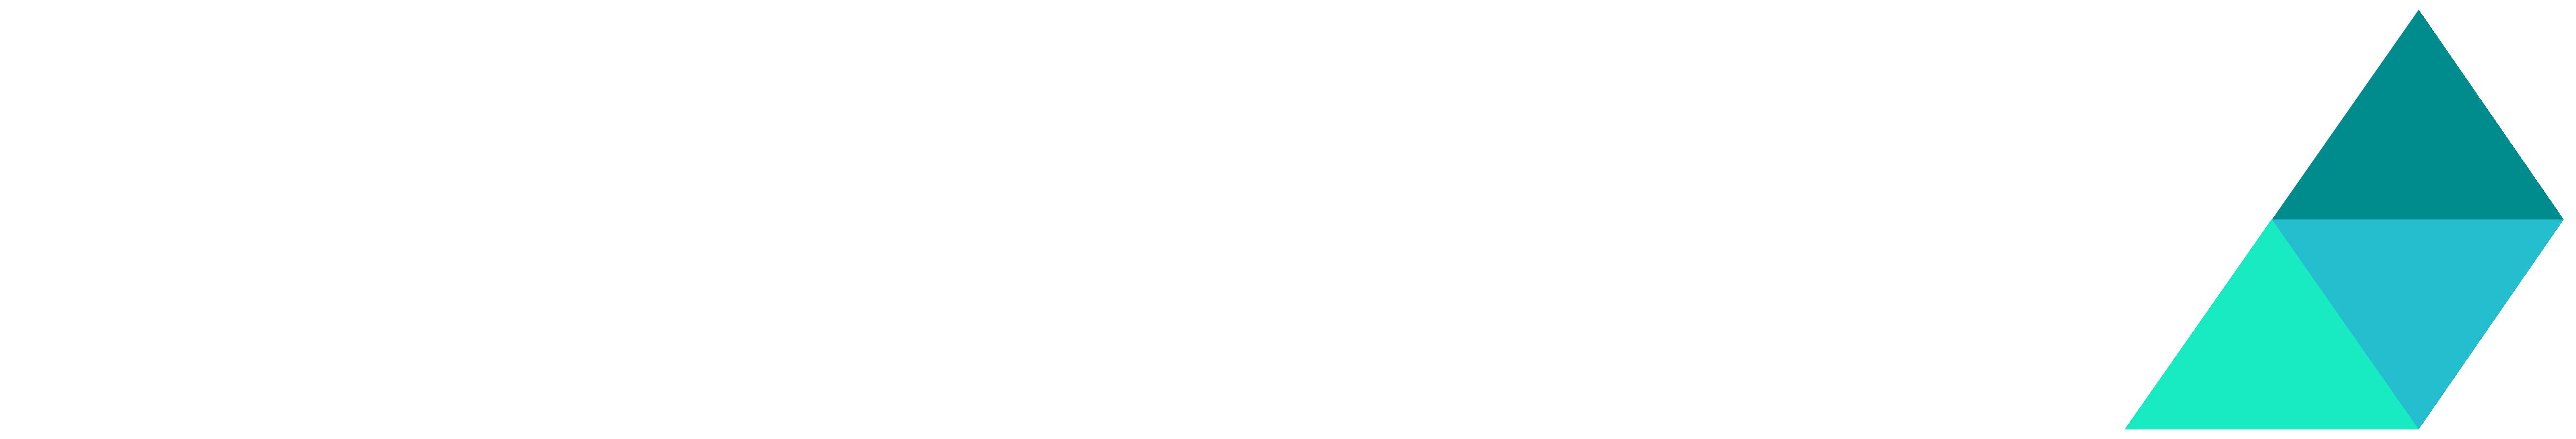 ACAMS